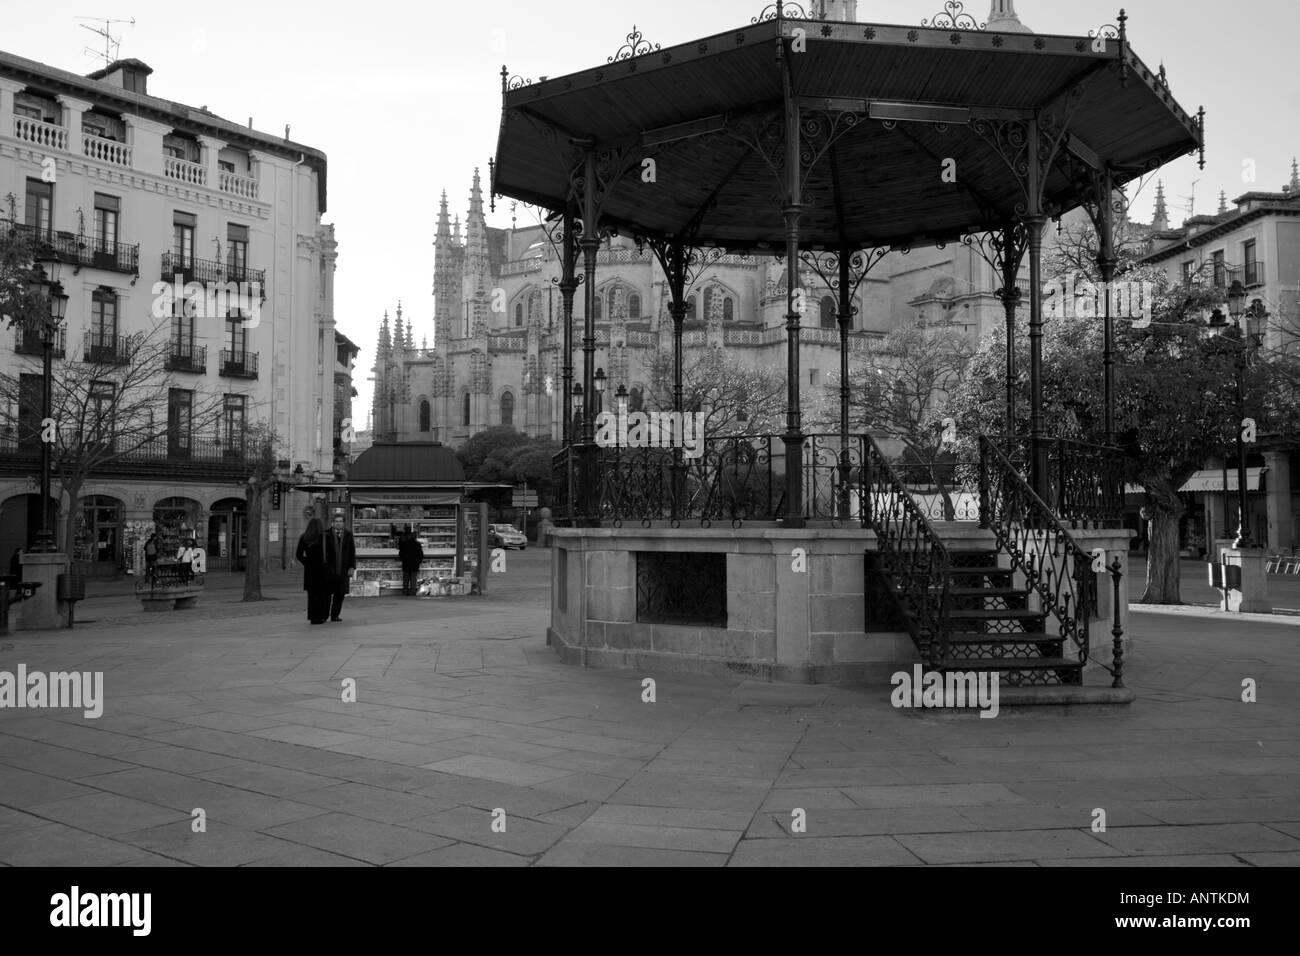 Rotunda in Segovia's old town plaza - Stock Image